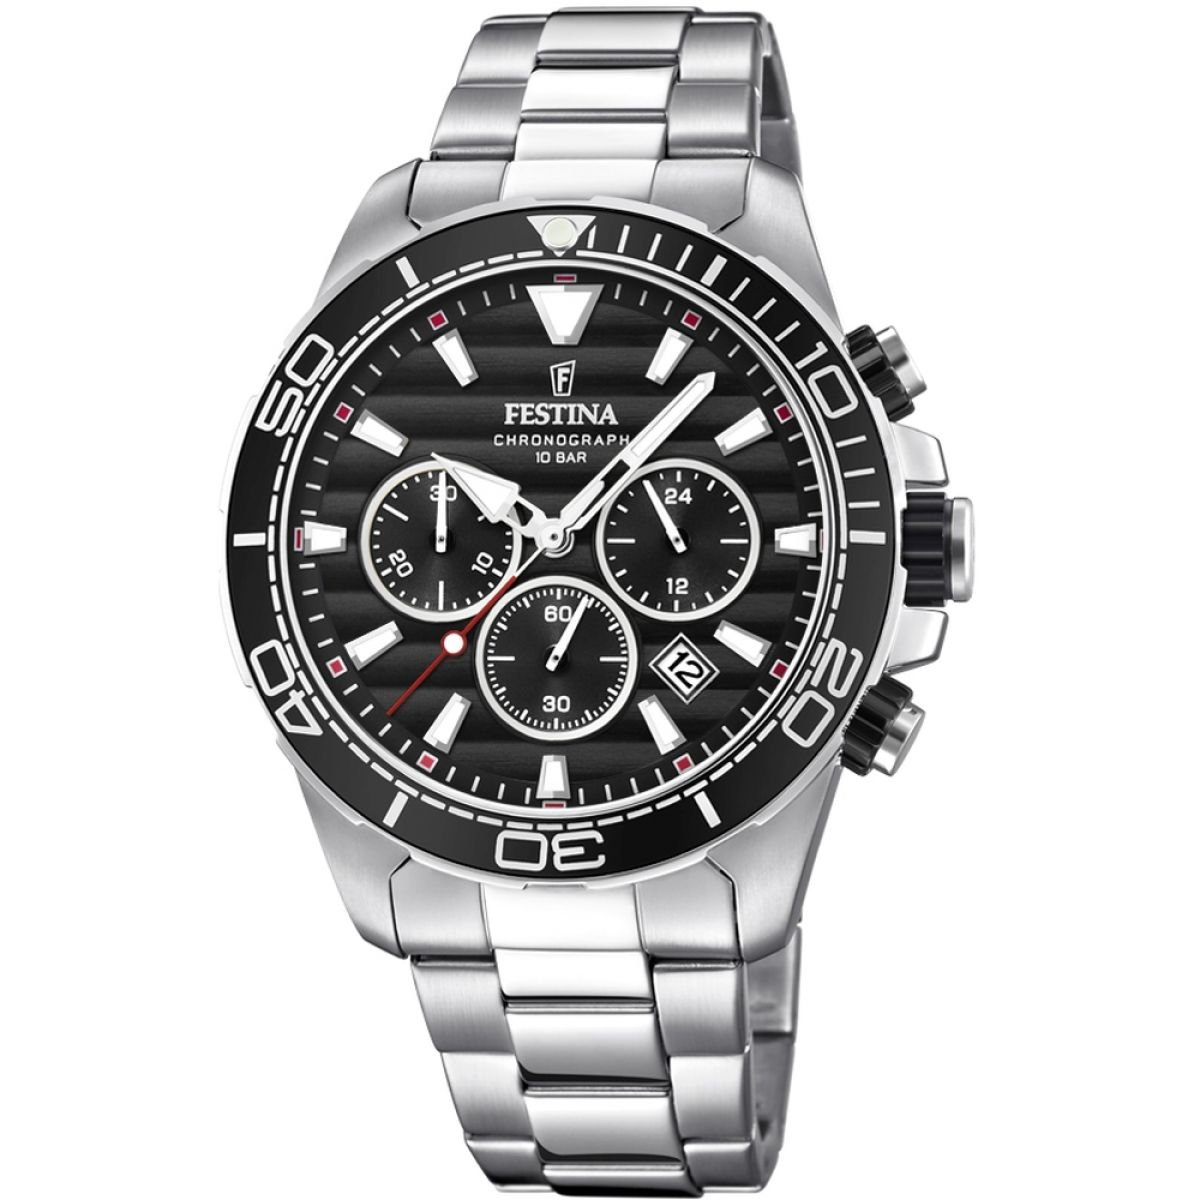 Men 's Watch Festina – f20361 /4 – クロノグラフ – クオーツ – 日付 – AM/PM – スチールとブラック – stainless-steelストラップ B07DX3S3C7